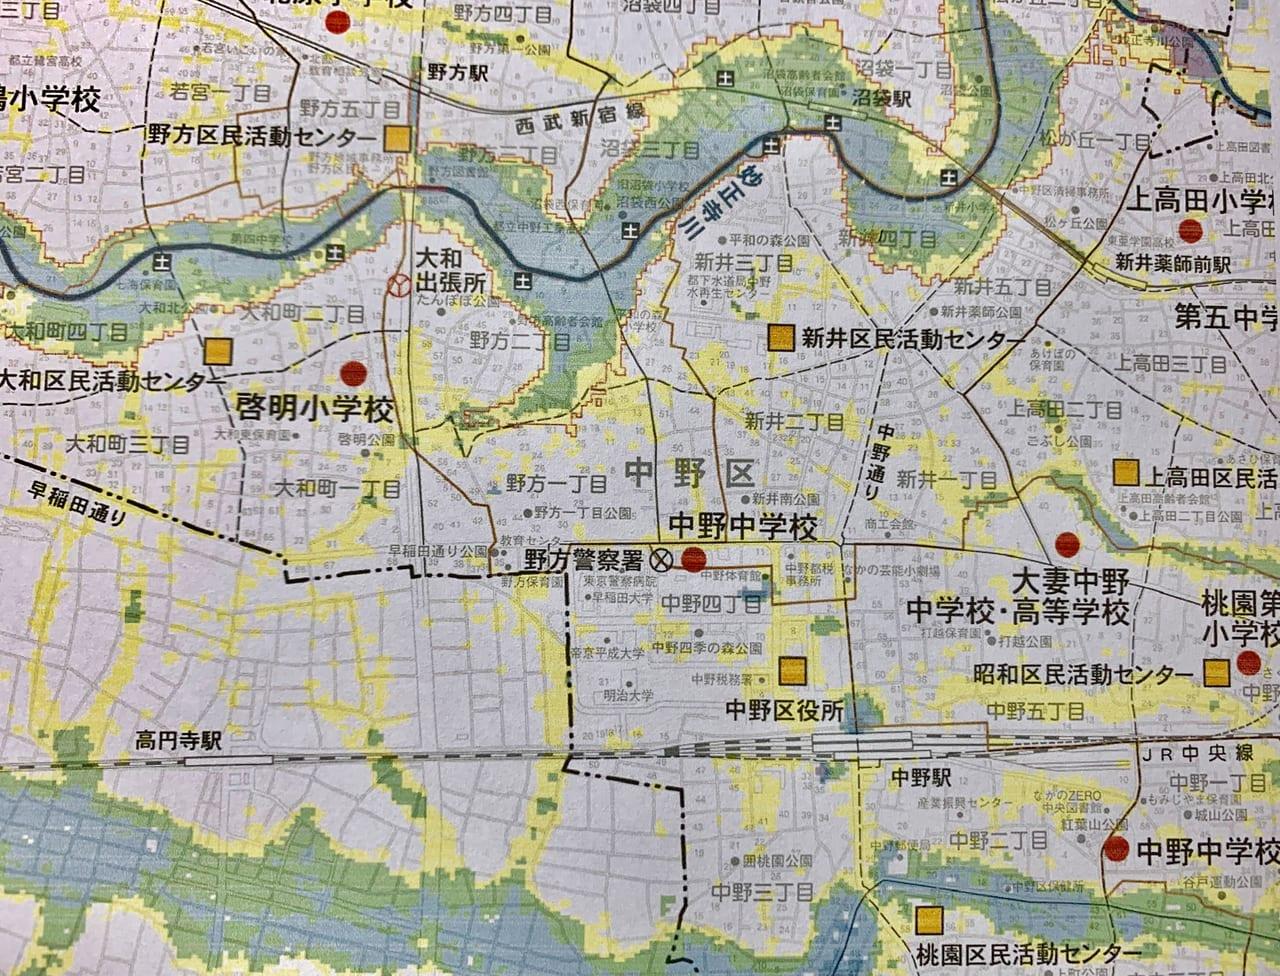 中野区ハザードマップ